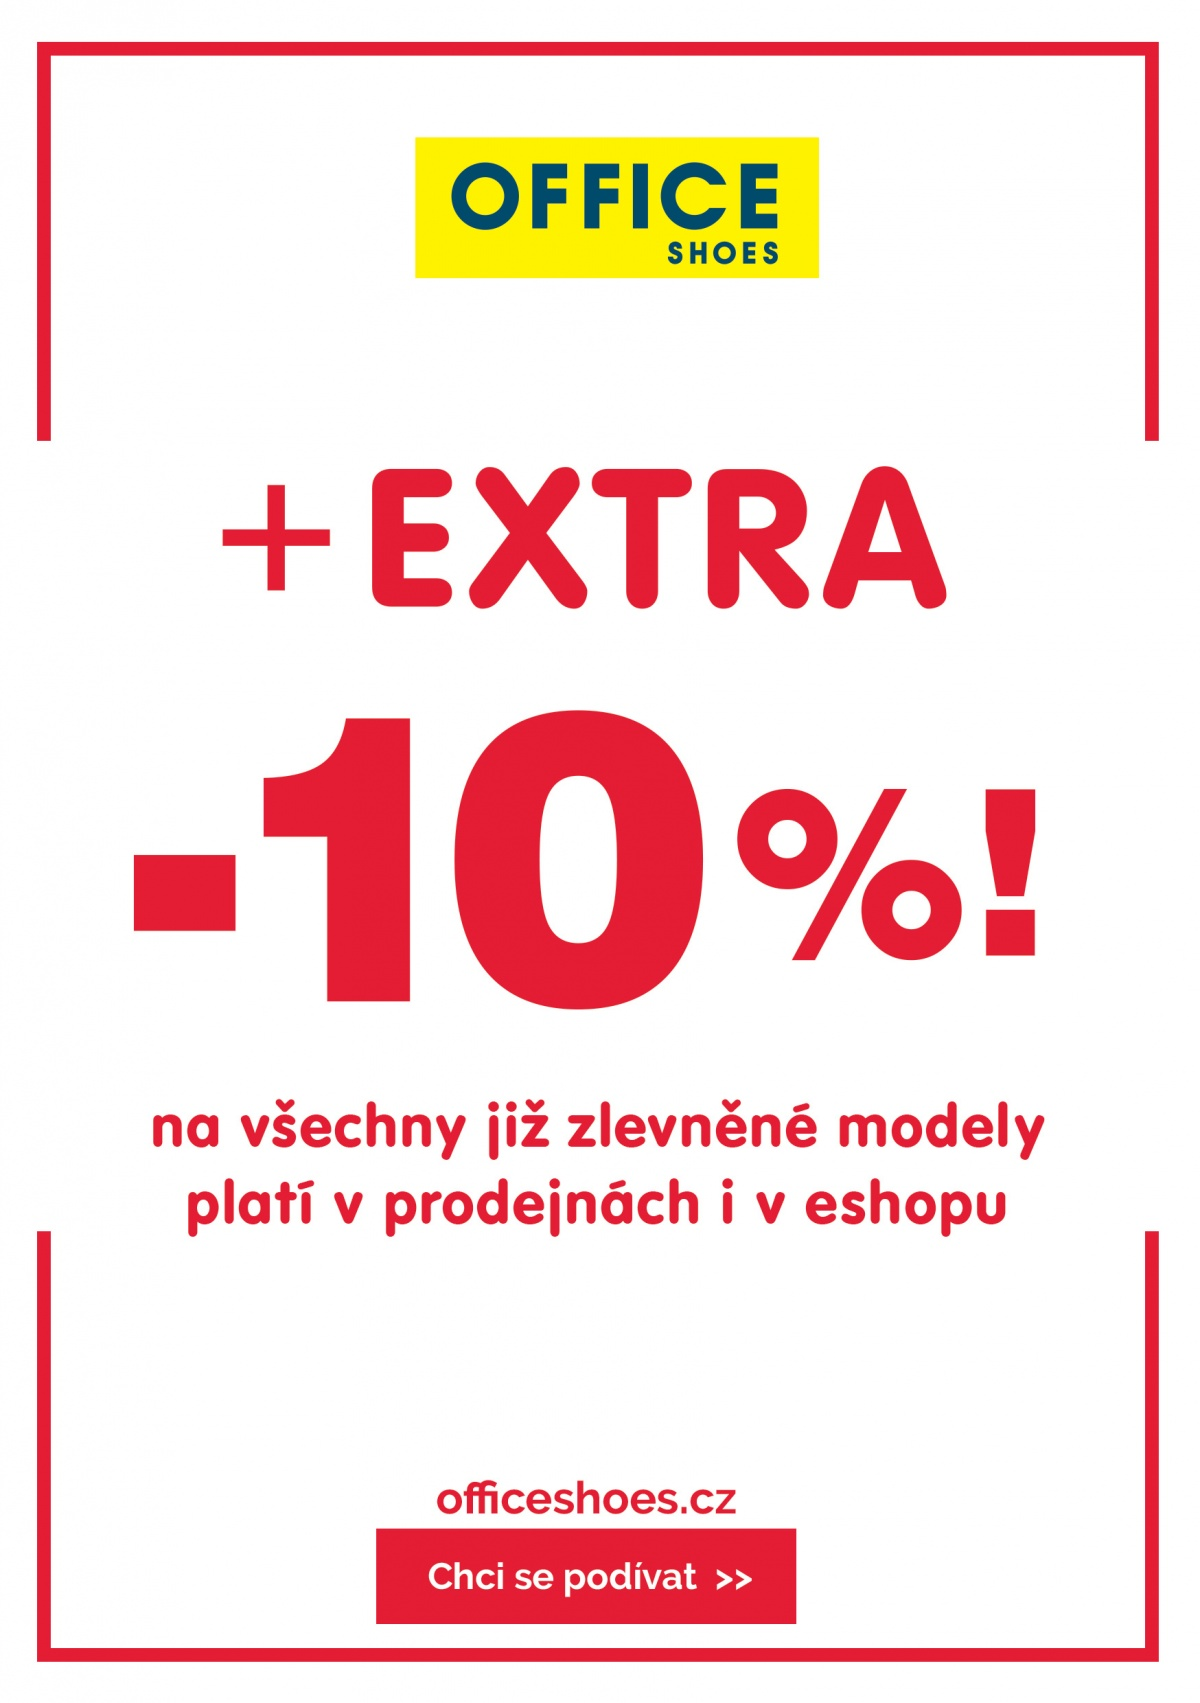 V Office Shoes jsme přidali EXTRA slevu -10%! 1a5ec76be7